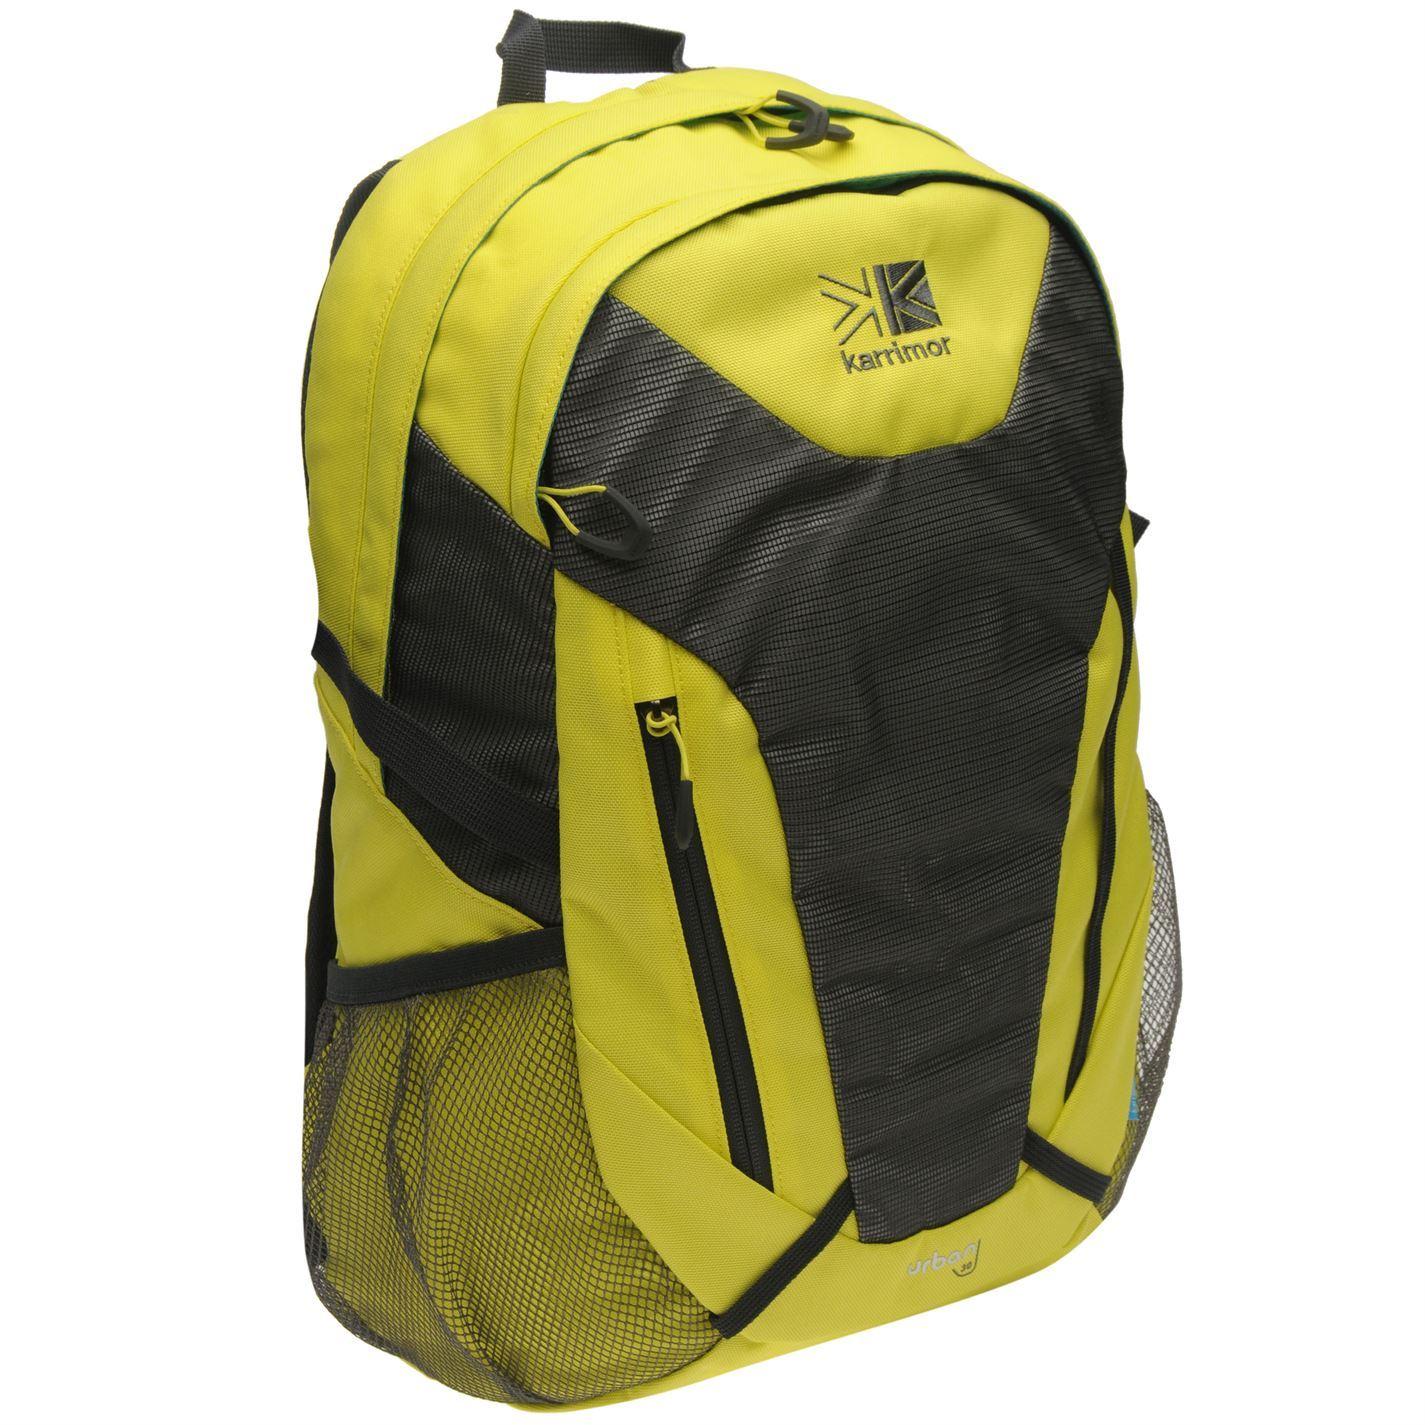 00f808a7b0 ... Karrimor Urban 30 Litre Rucksack Yellow Outdoors Bag Backpack Knapsack  Holdall ...